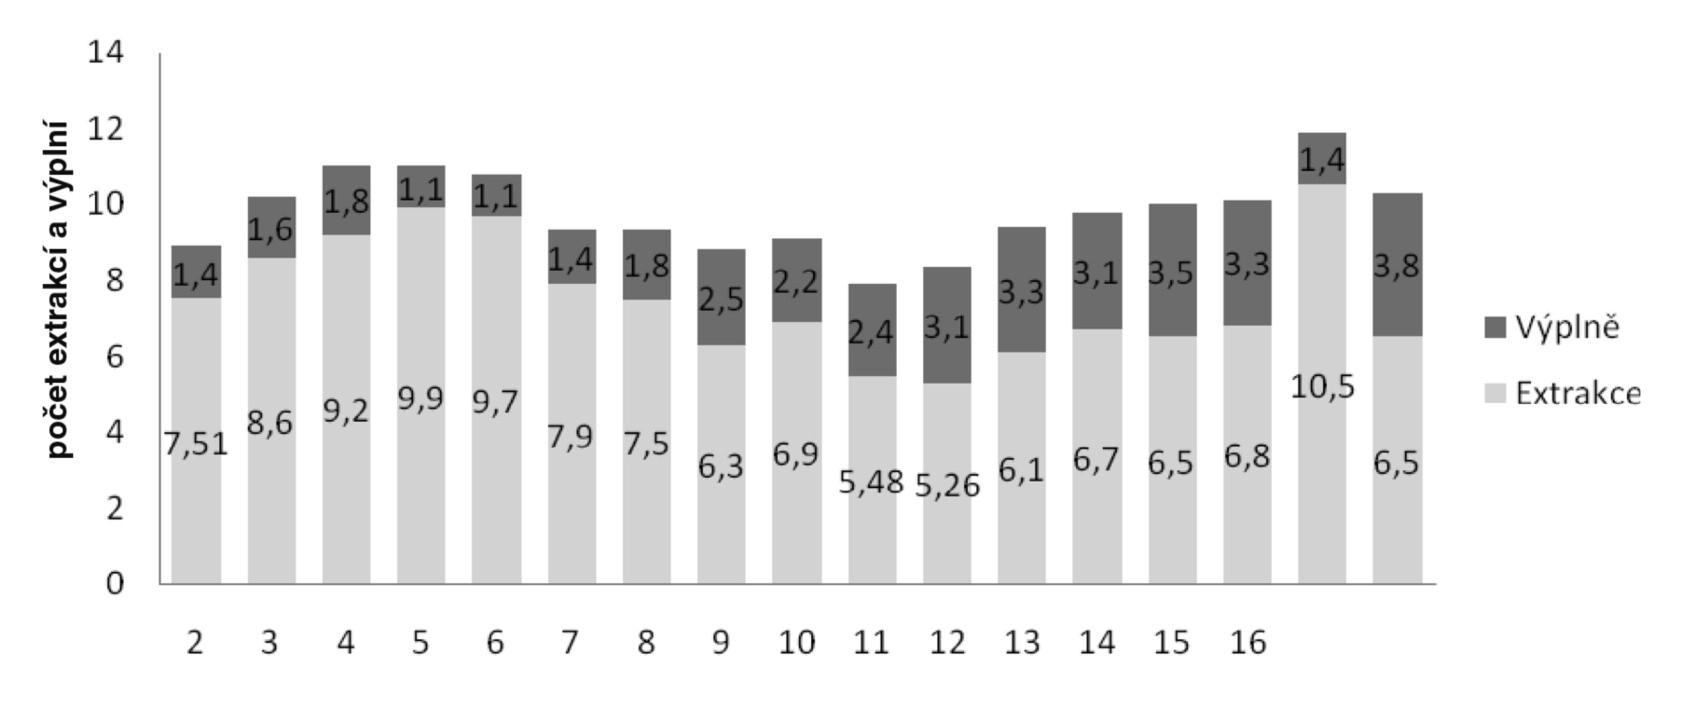 Počet extrakcí a výplní na jednoho pacienta daného věku – Hendikepovaní pacie